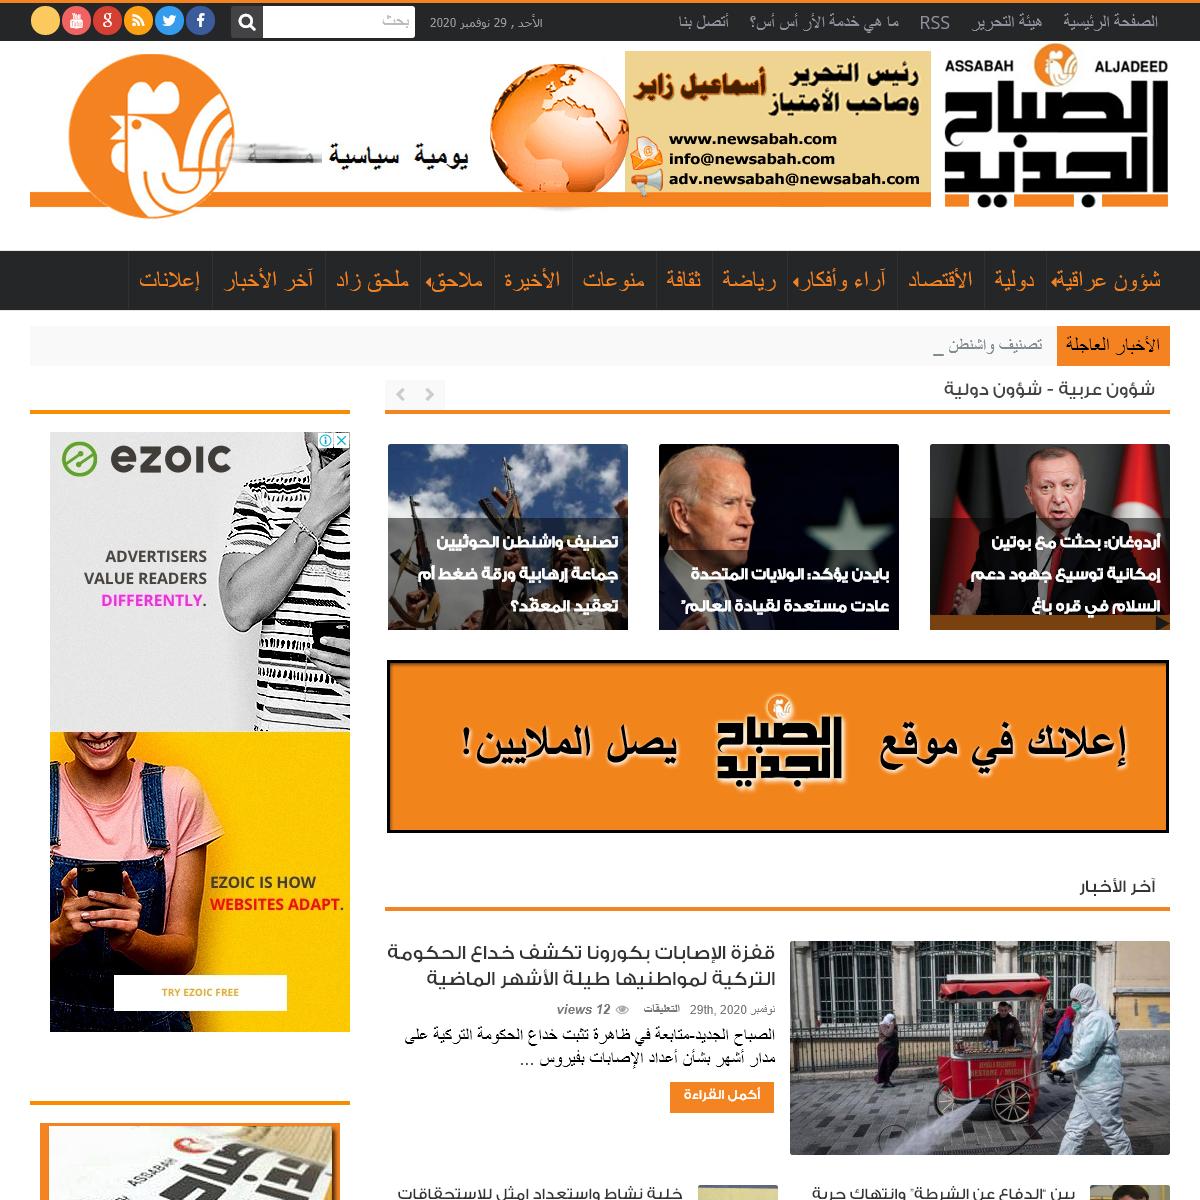 جريدة الصباح الجديد – يومية - سياسية - مستقلة